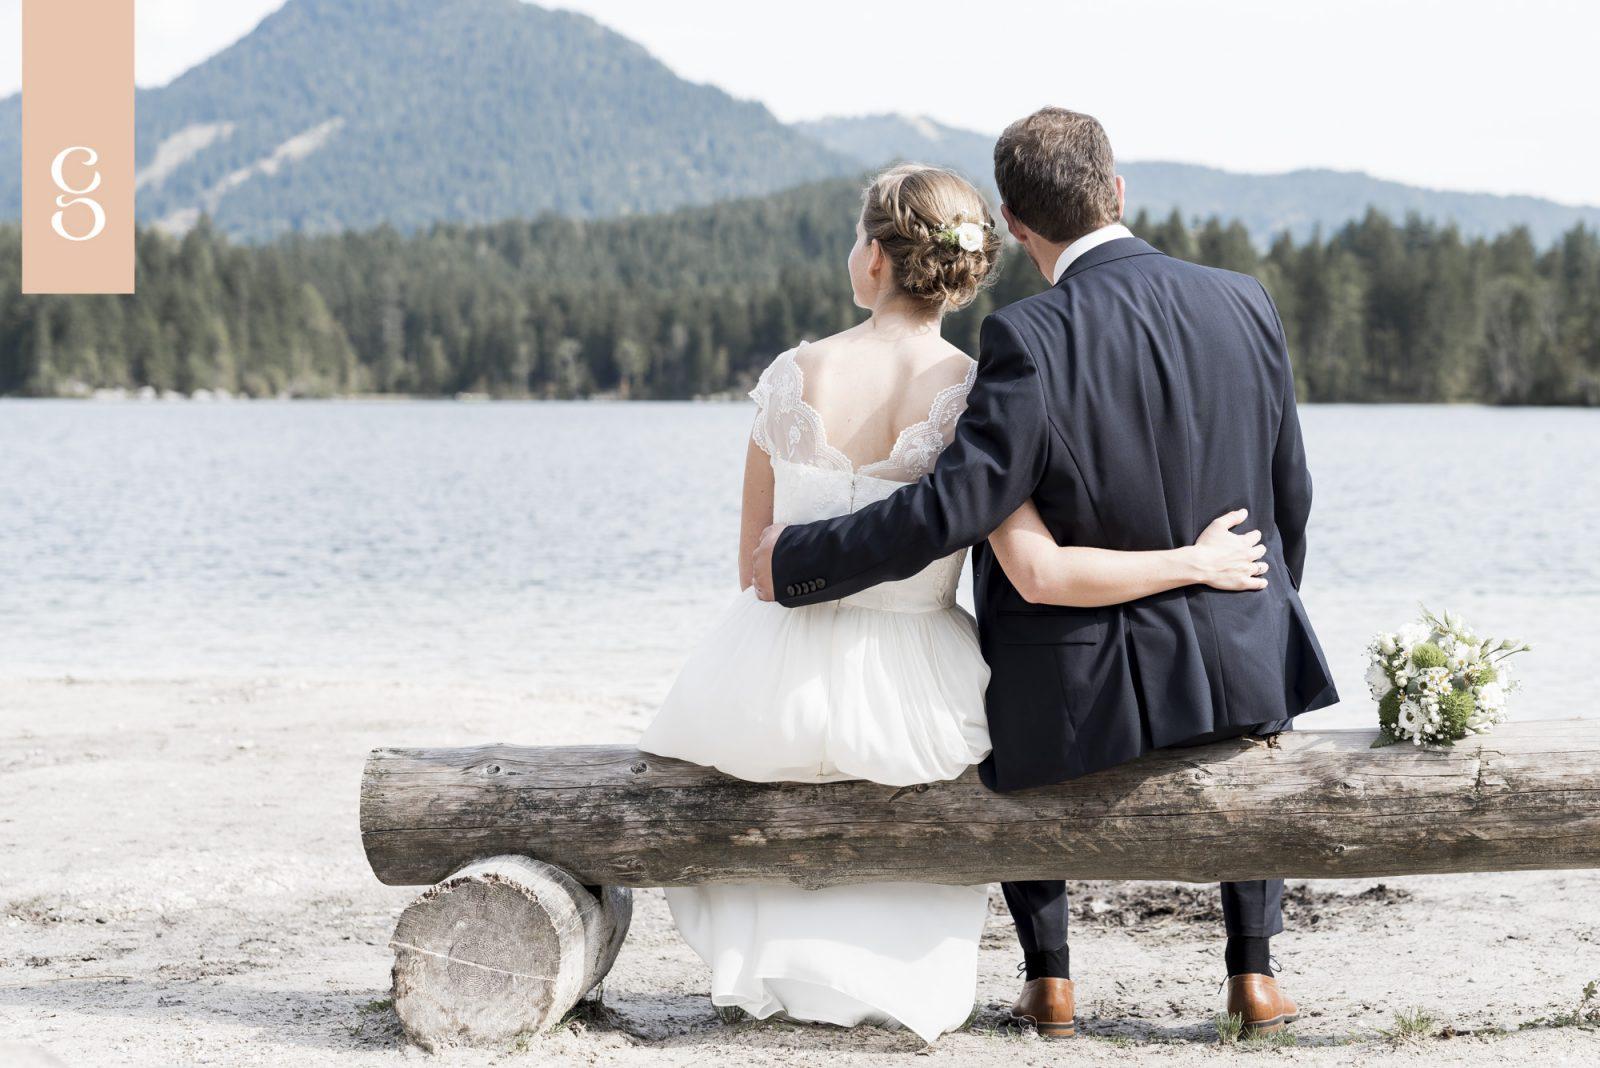 Fotograf_Goettges_Hochzeit_Wedding_Ramsau_Hintersee_Hirschbichl_Berchtesgaden_Hochzeitsfotograf-23